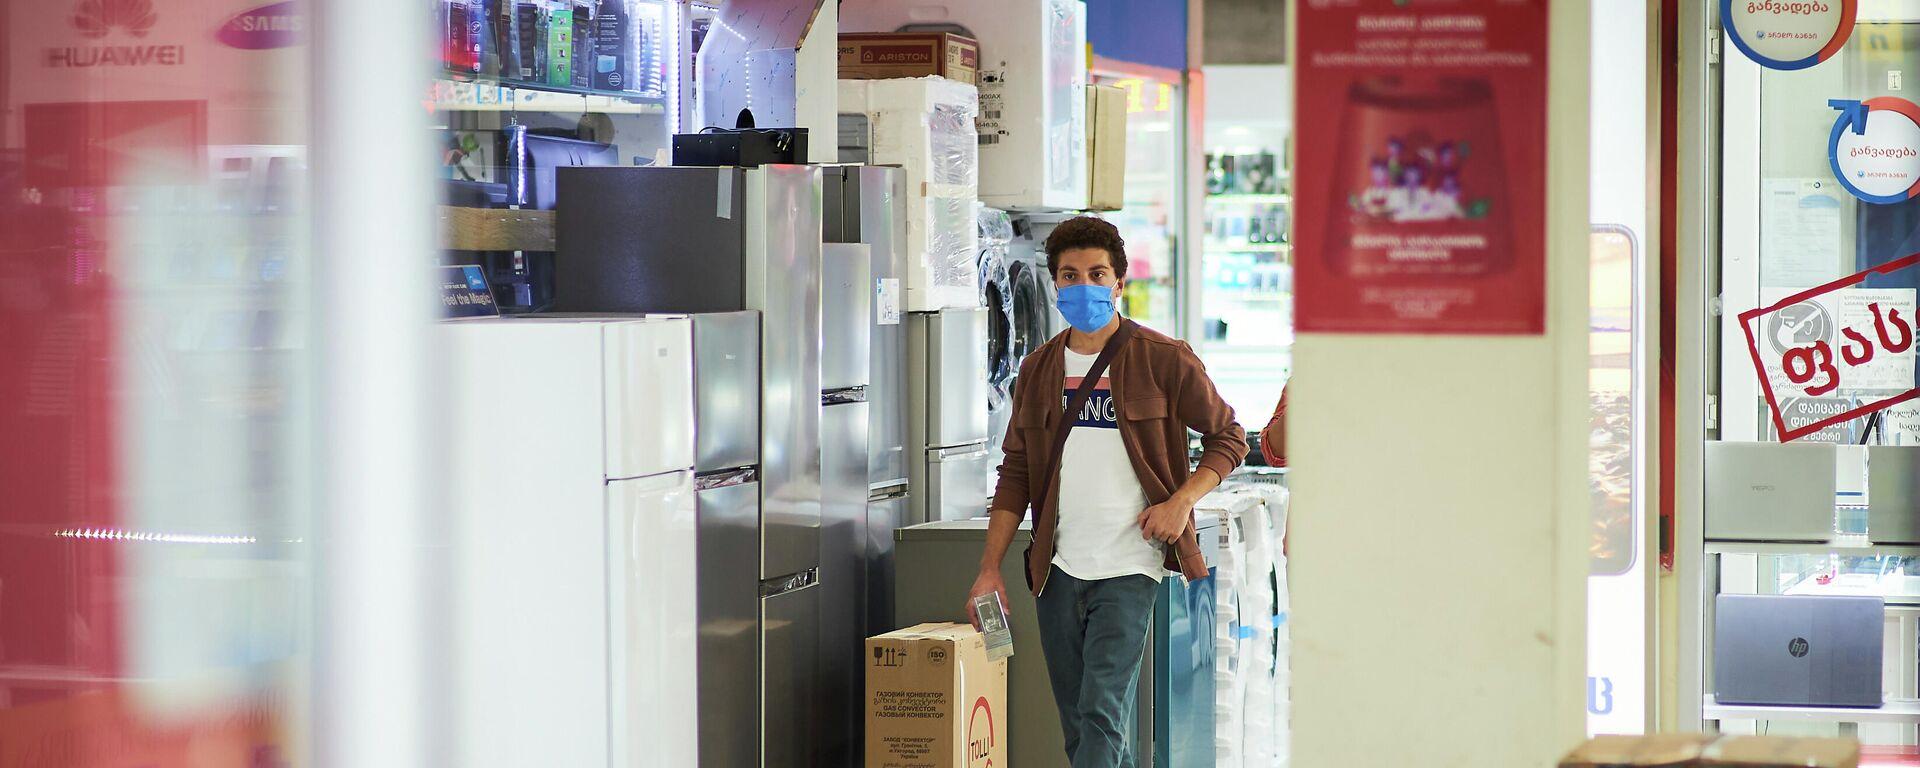 Эпидемия коронавируса - покупатели в магазине в масках - Sputnik Грузия, 1920, 26.09.2021